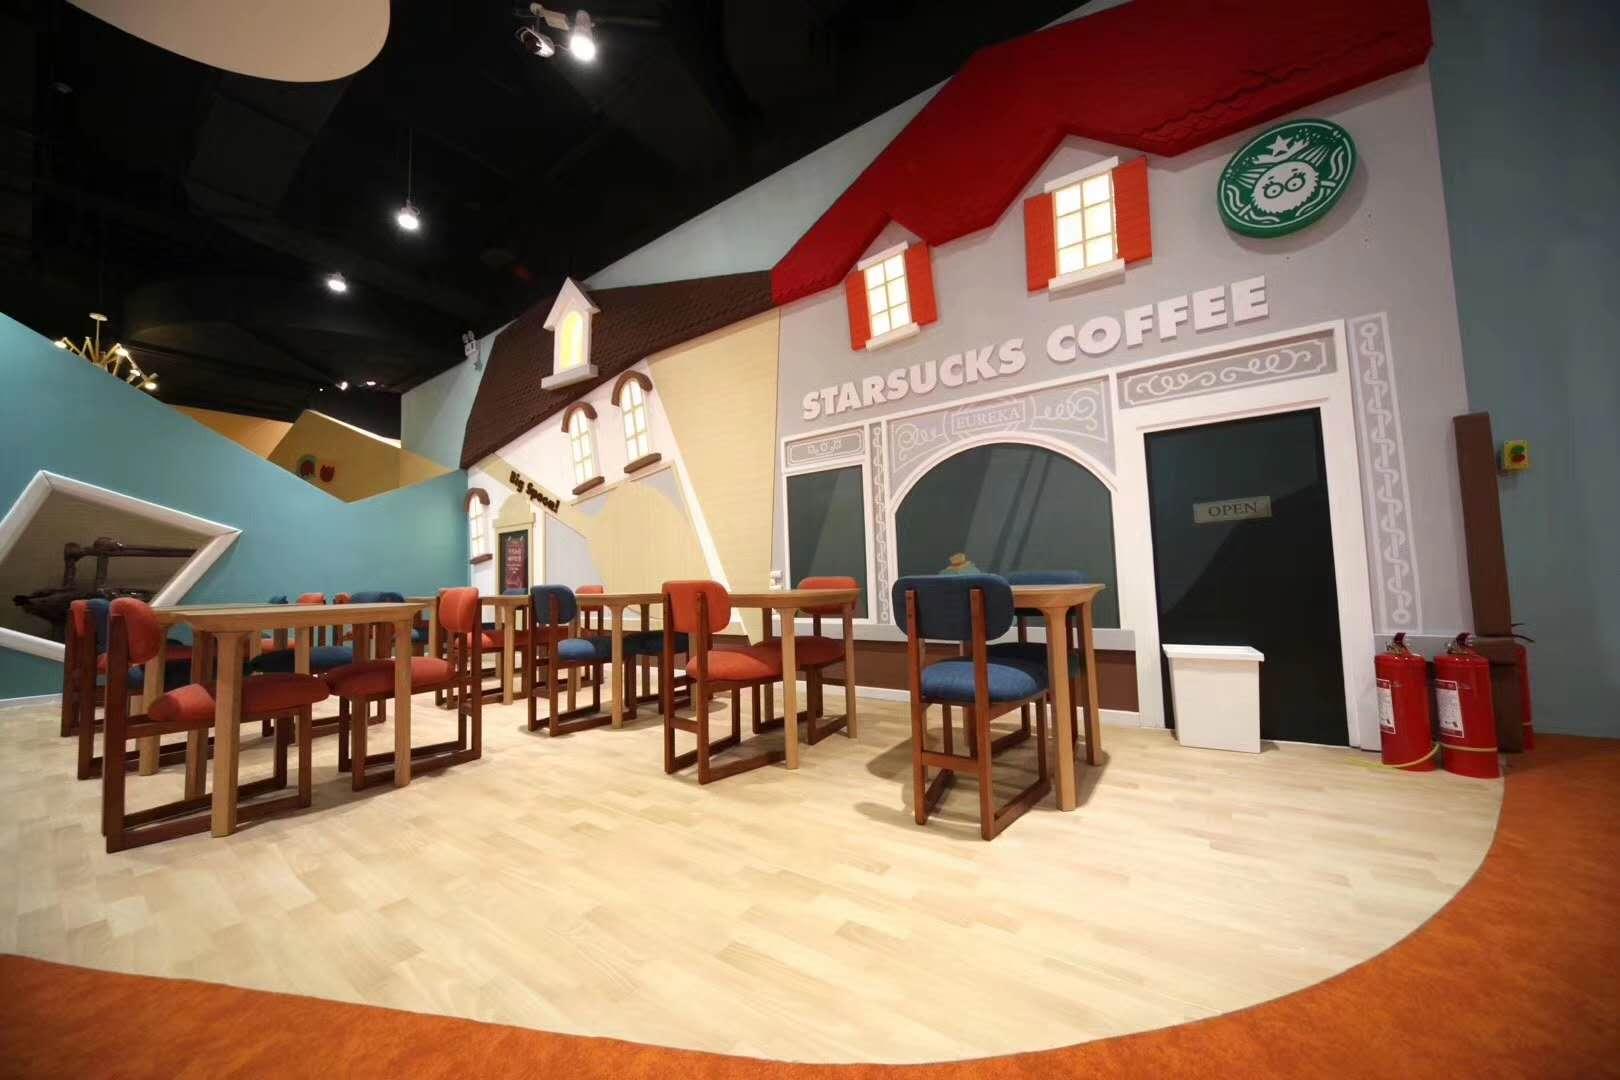 沙池.jpg 陕西小型的室内儿童乐园需要多少钱? 加盟资讯 游乐设备第1张